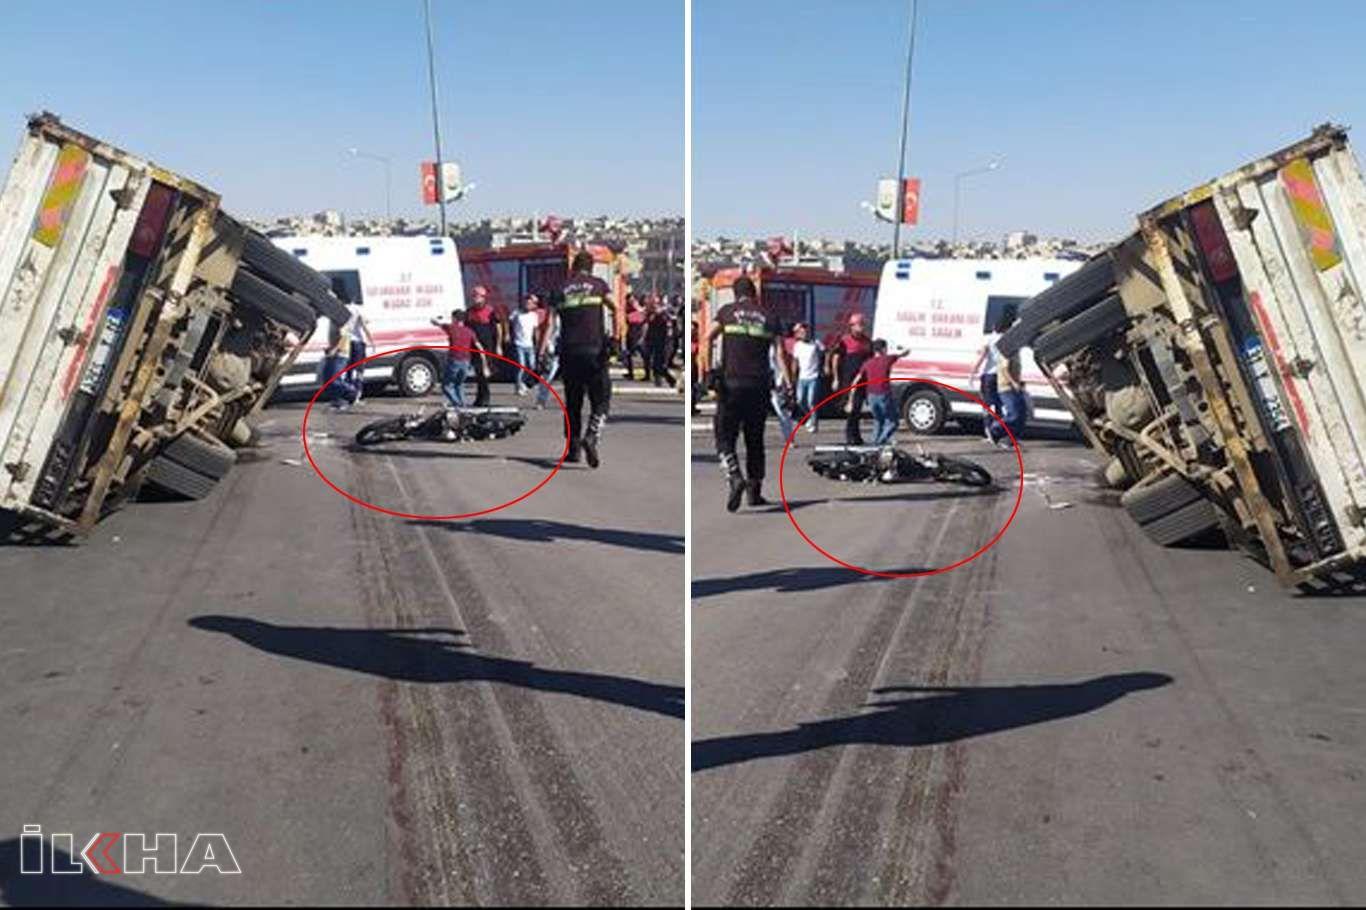 Şanlıurfada motosiklet ile kamyonet çarpıştı: 1 ölü, 1 ağır yaralı